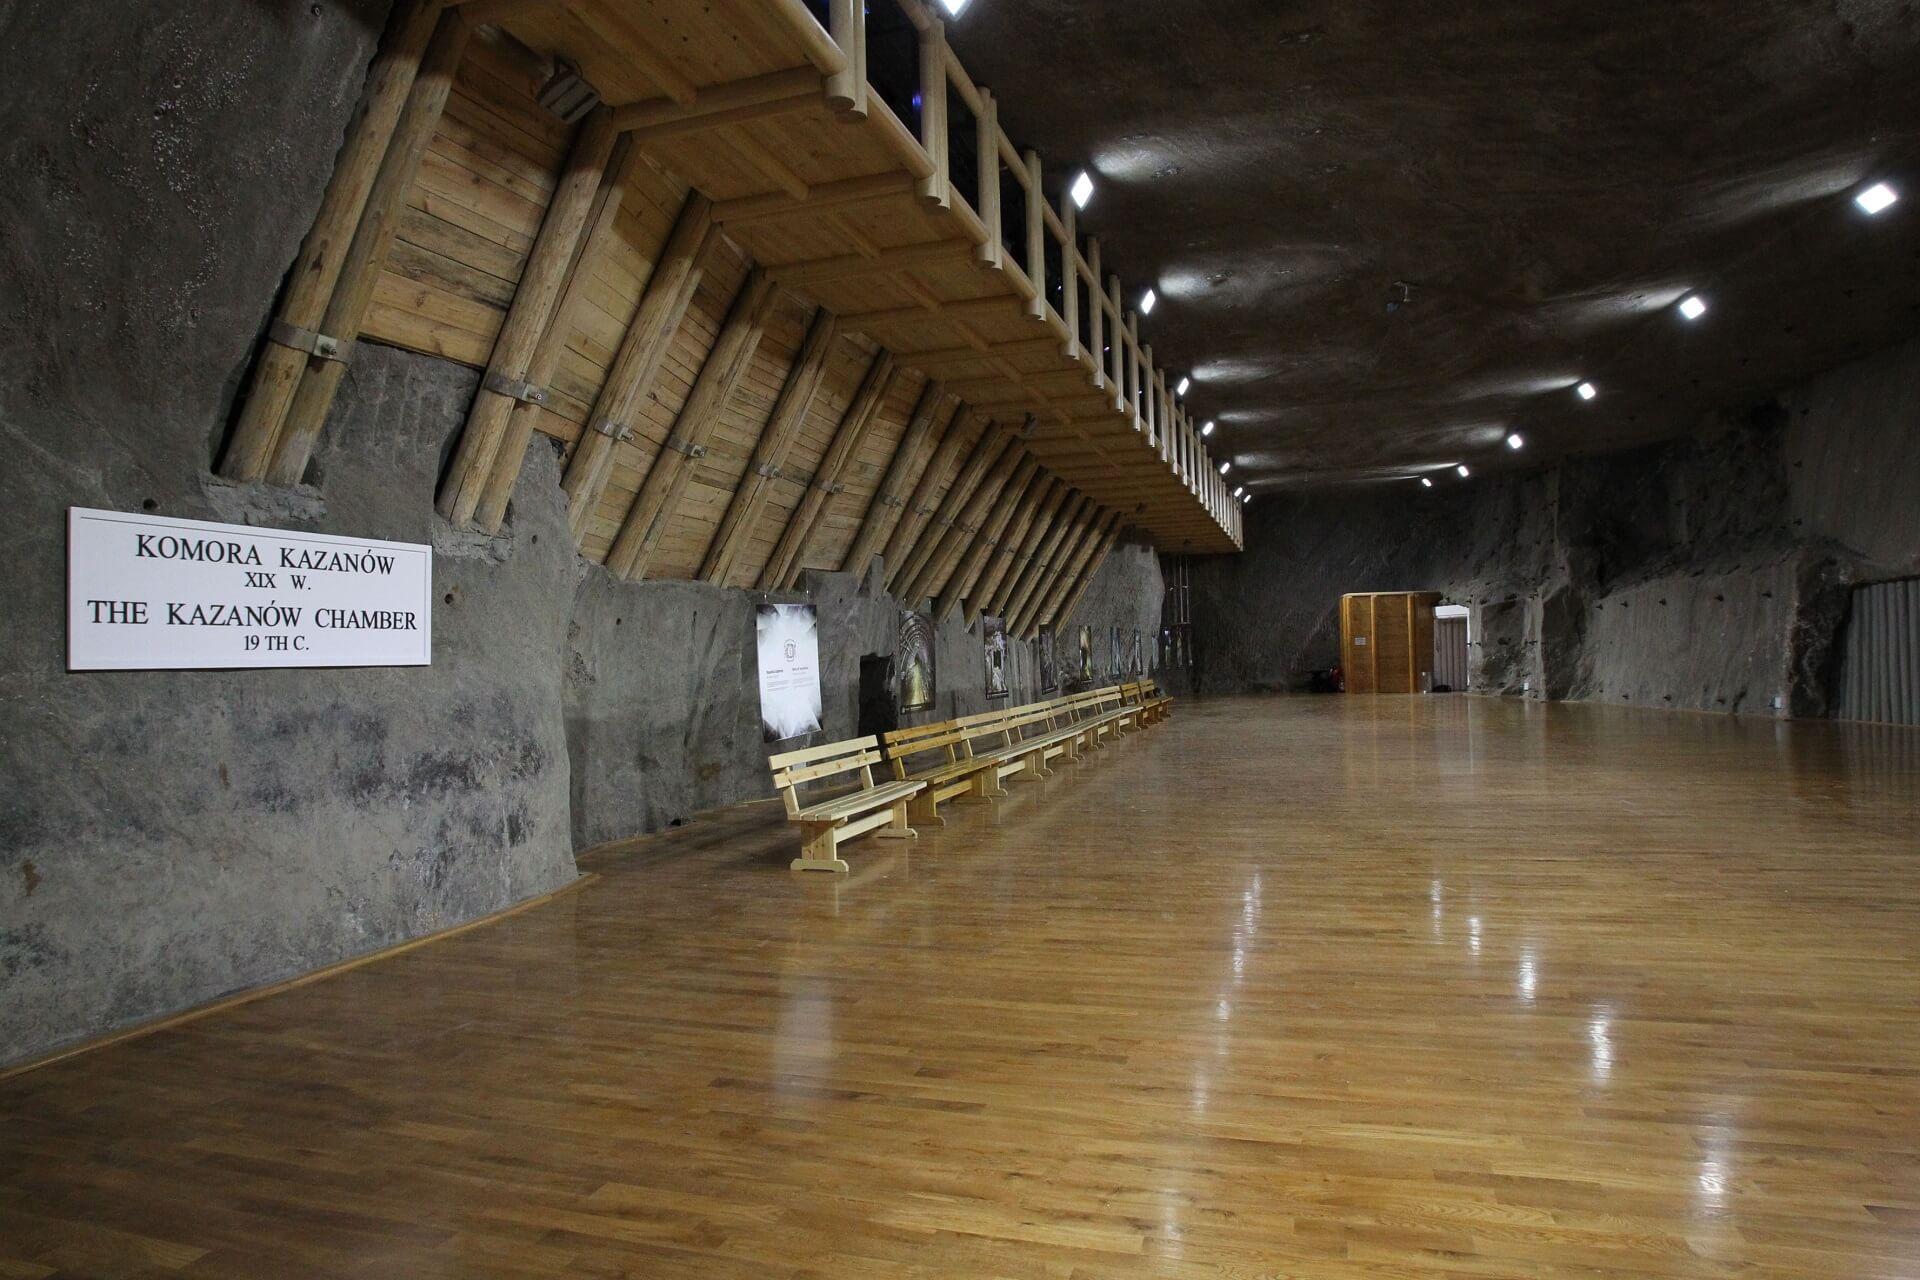 ekspozycja multimedialna w komorach Lill Górna i Kazanów